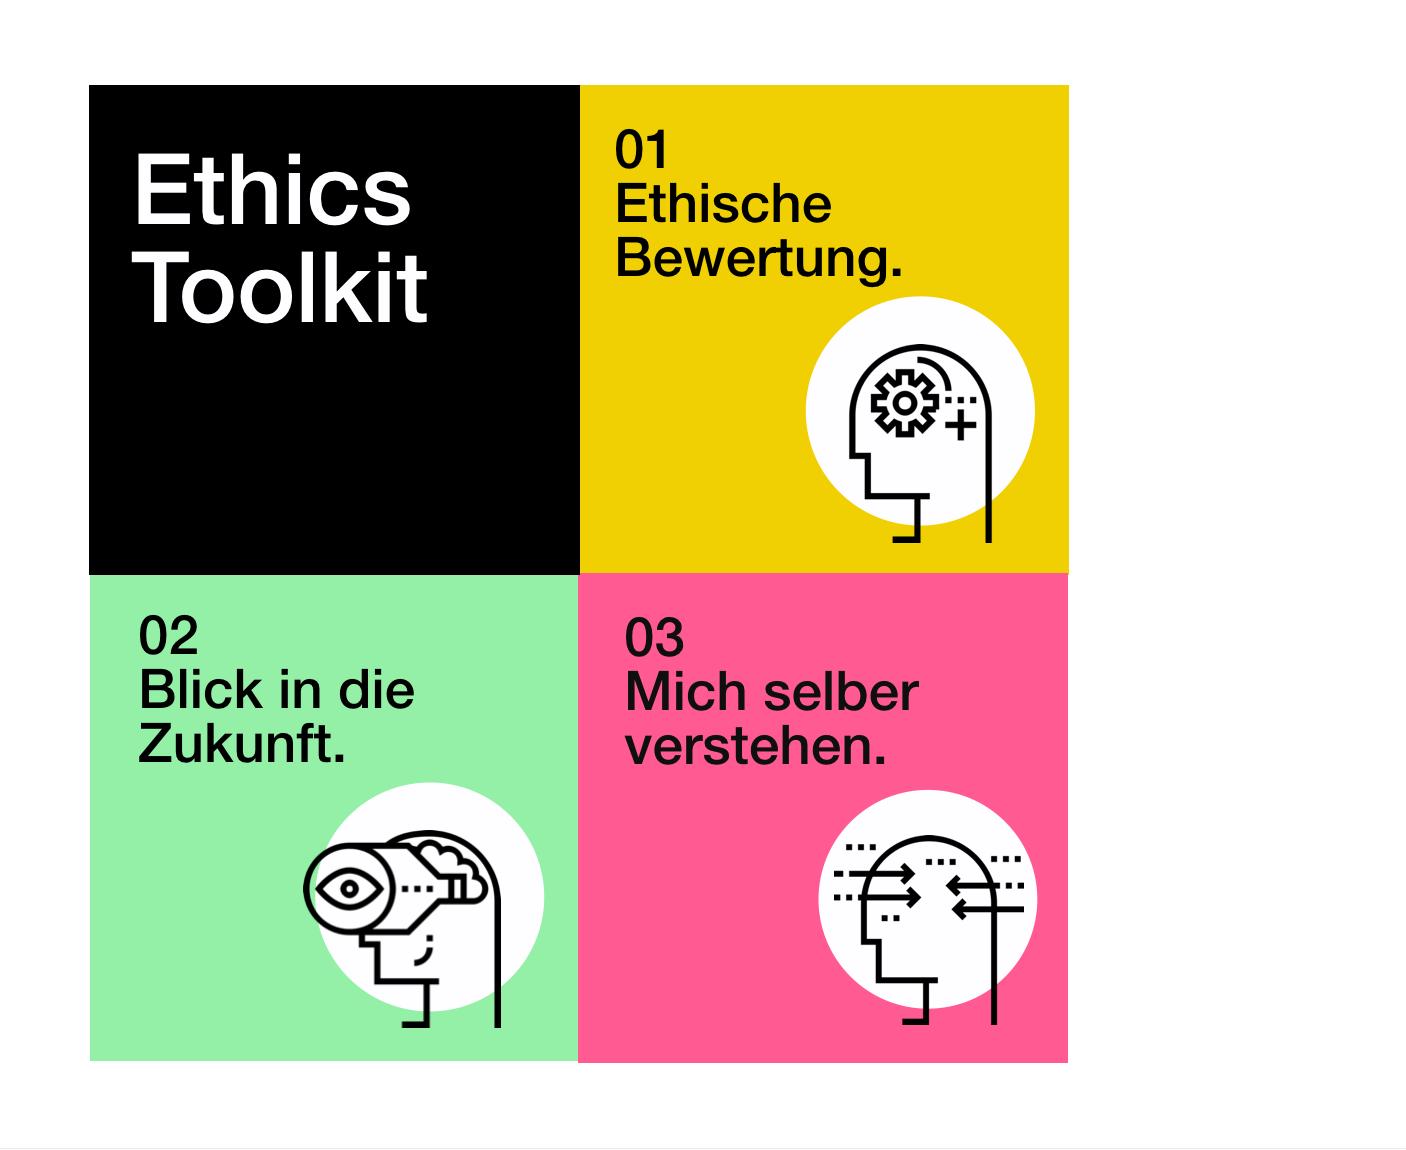 Digital EthicsToolkit - Apply Ethics to your work.Jedes Set beinhaltet Fragen um unbeabsichtigte Folgen vorherzusehen. Nehmt diese auch zum nächsten Brainstorming oder Team-Meeting mit, um die Auswirkungen eurer Produkte besser zu verstehen.